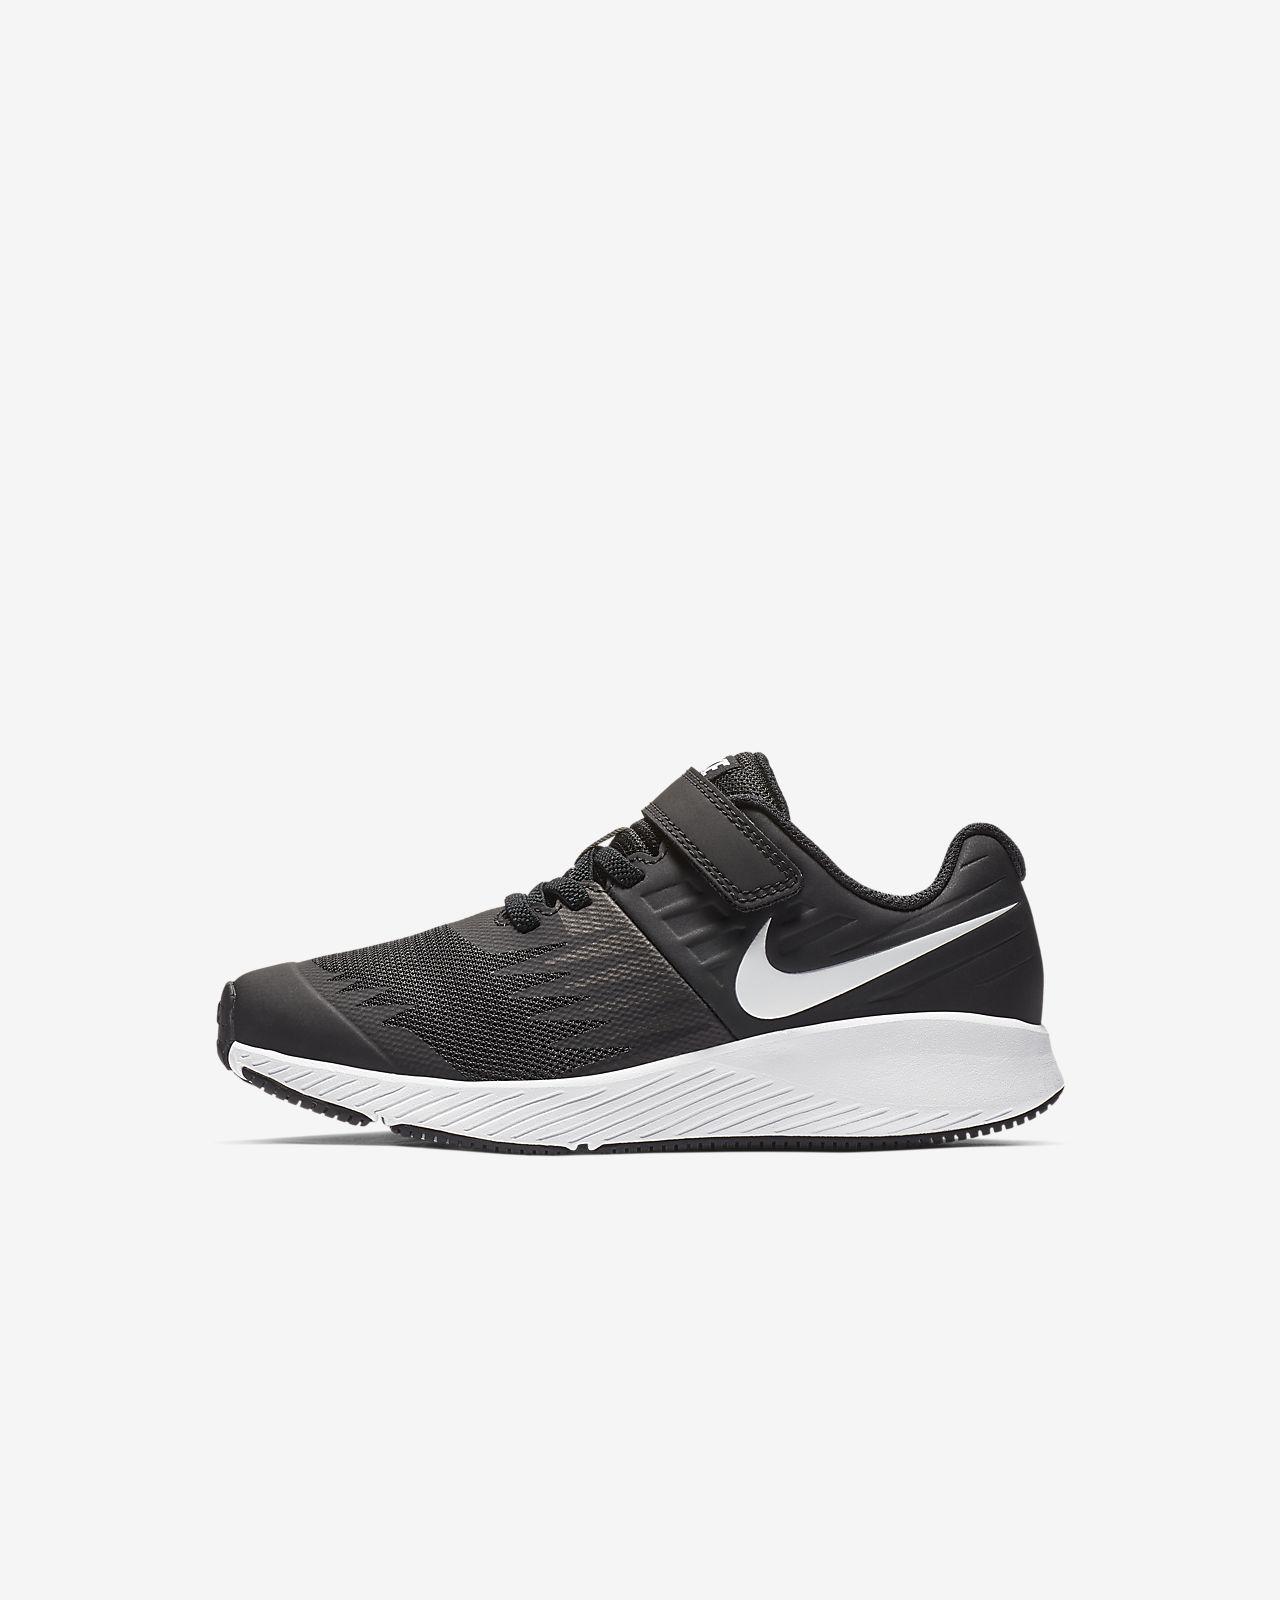 0db89646b739 Nike Star Runner Little Kids  Shoe. Nike.com